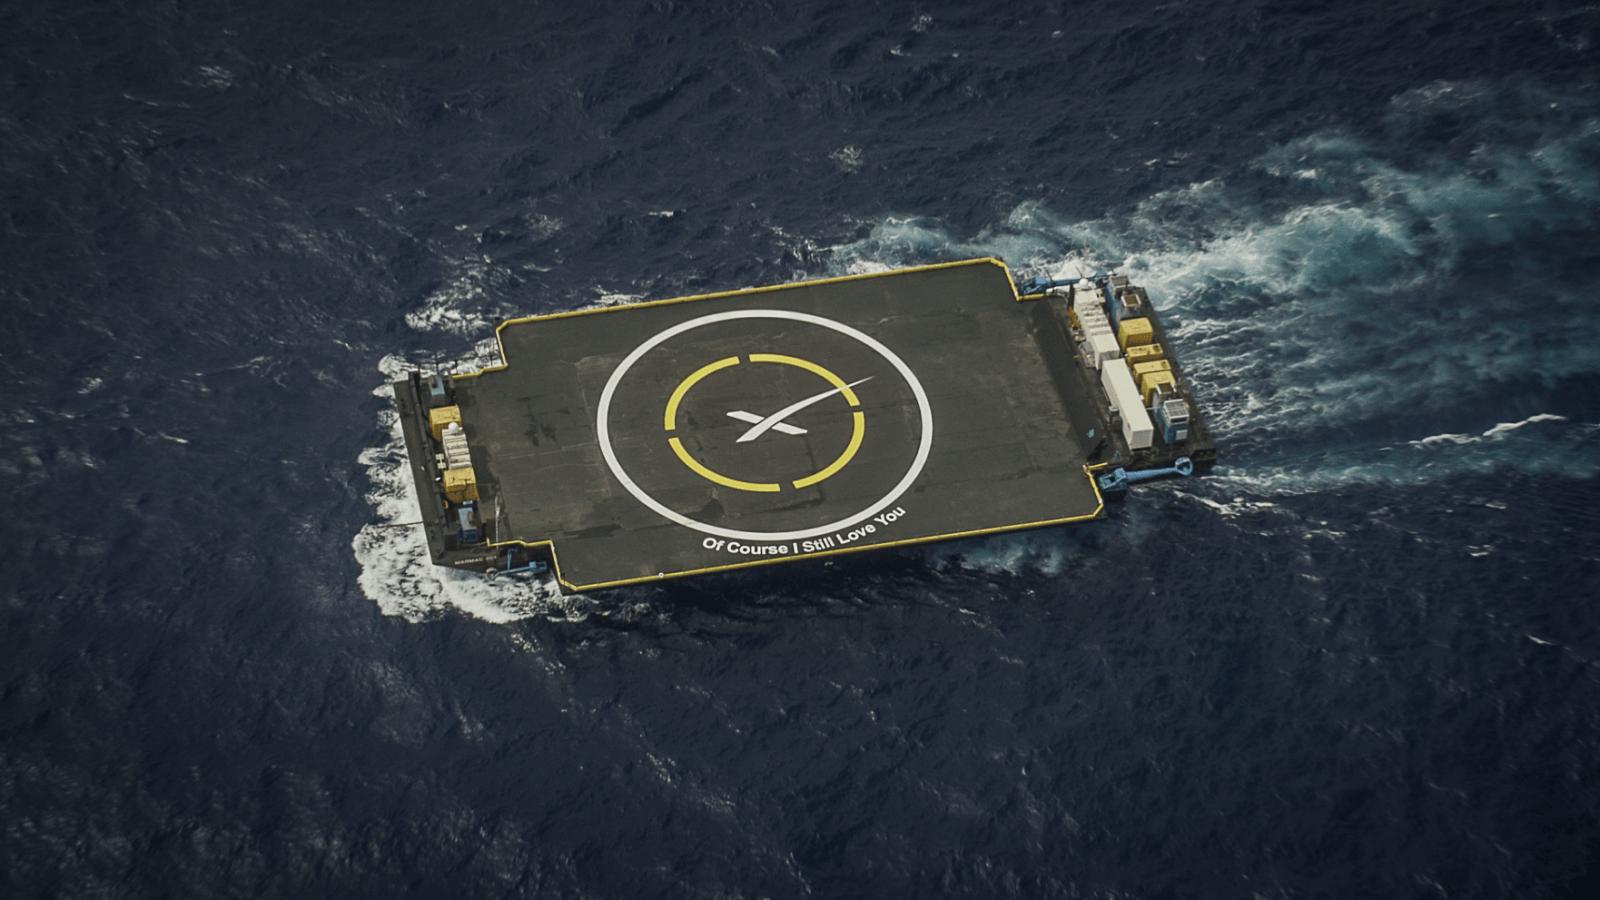 Why does SpaceX keep focusing on ocean landings?